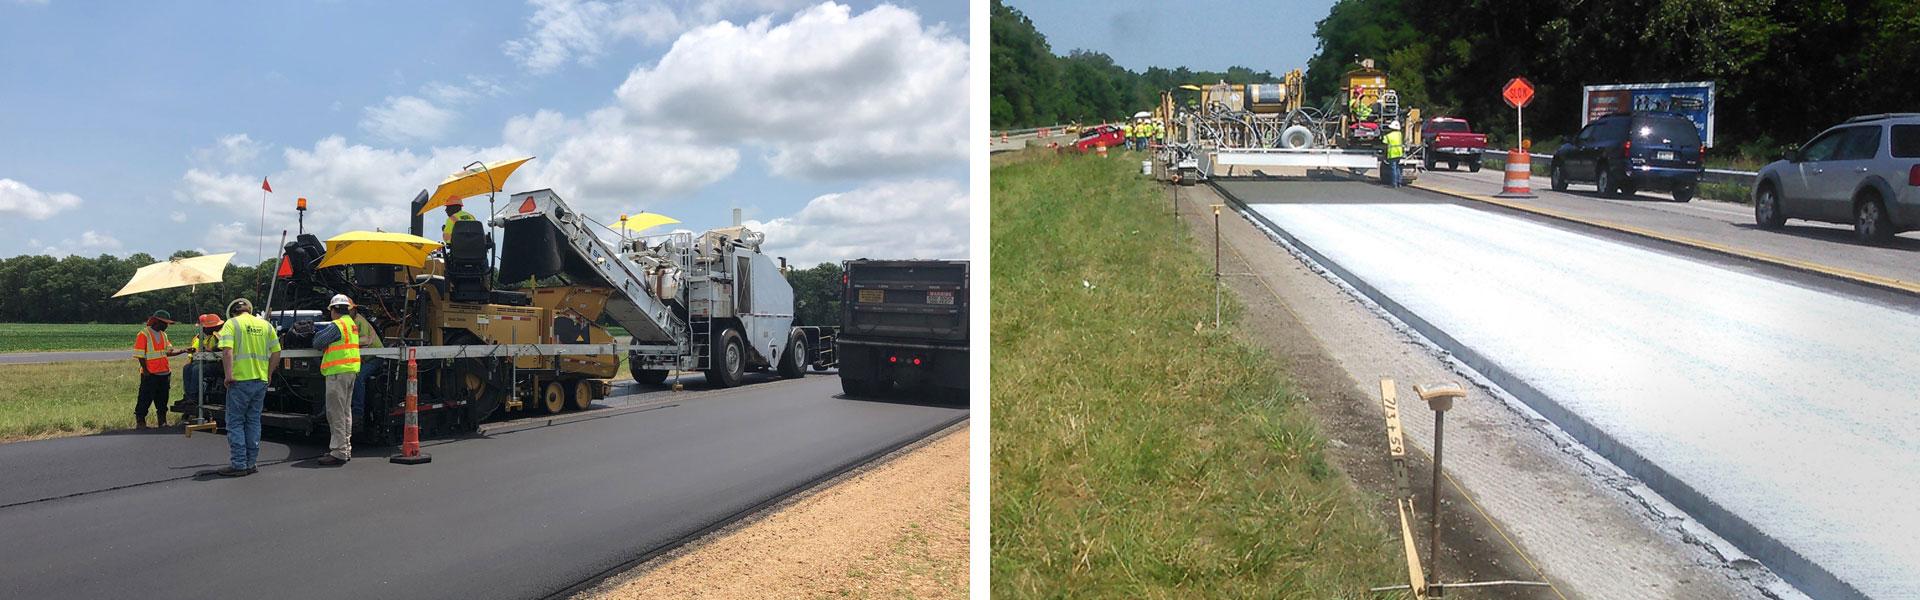 Photo on left of asphalt paving jobsite. Photo on right of concrete paving jobsite.